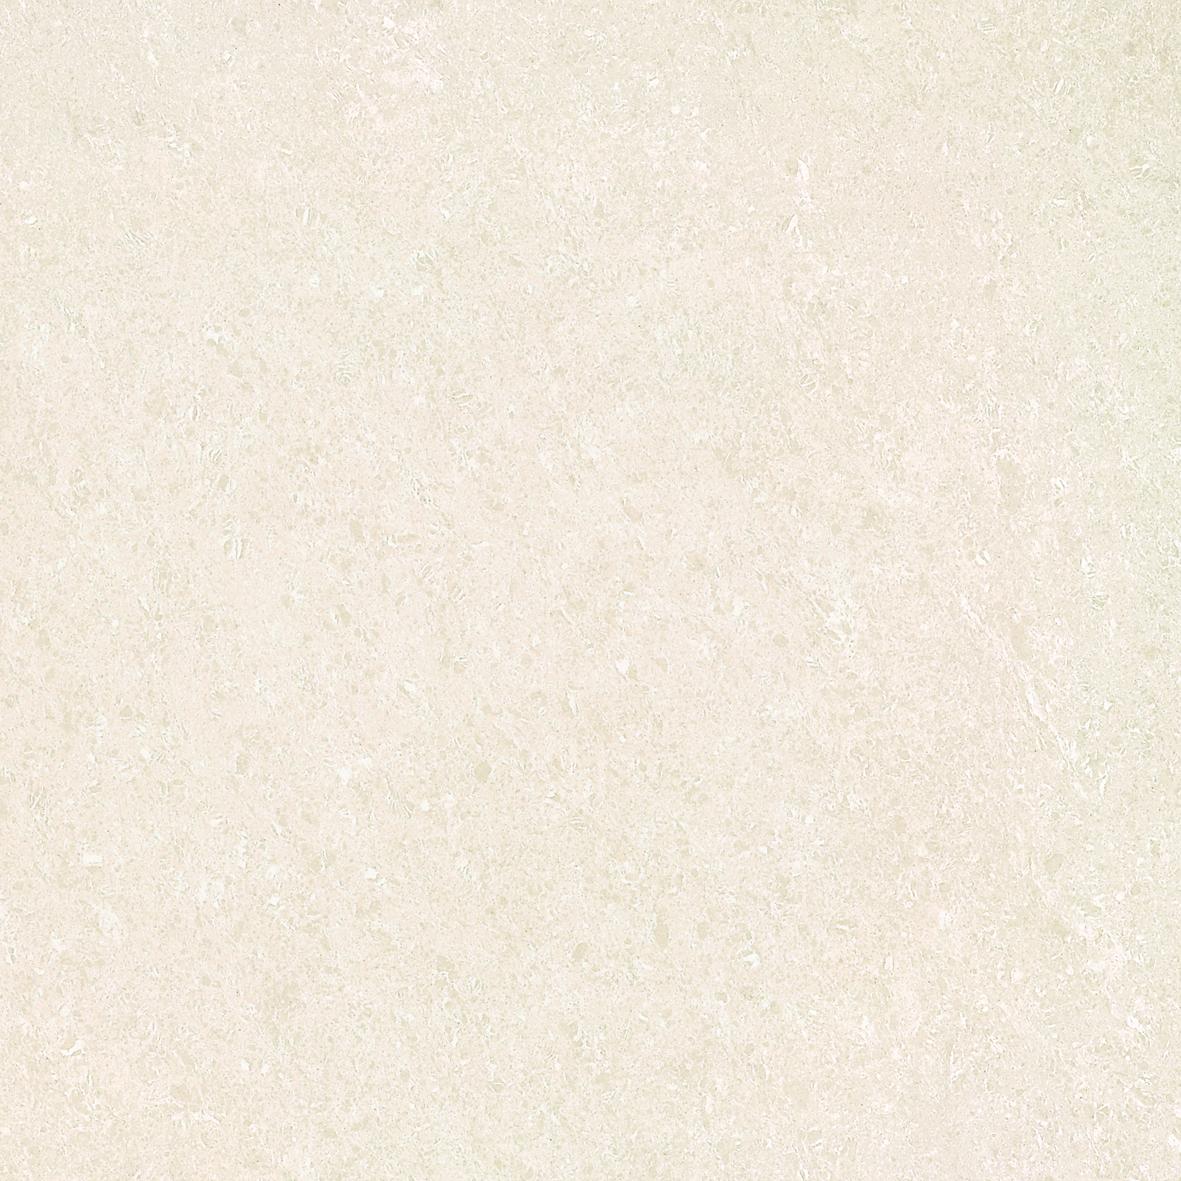 5 anh da đen vagrave cocirc gaacutei việt - 4 1